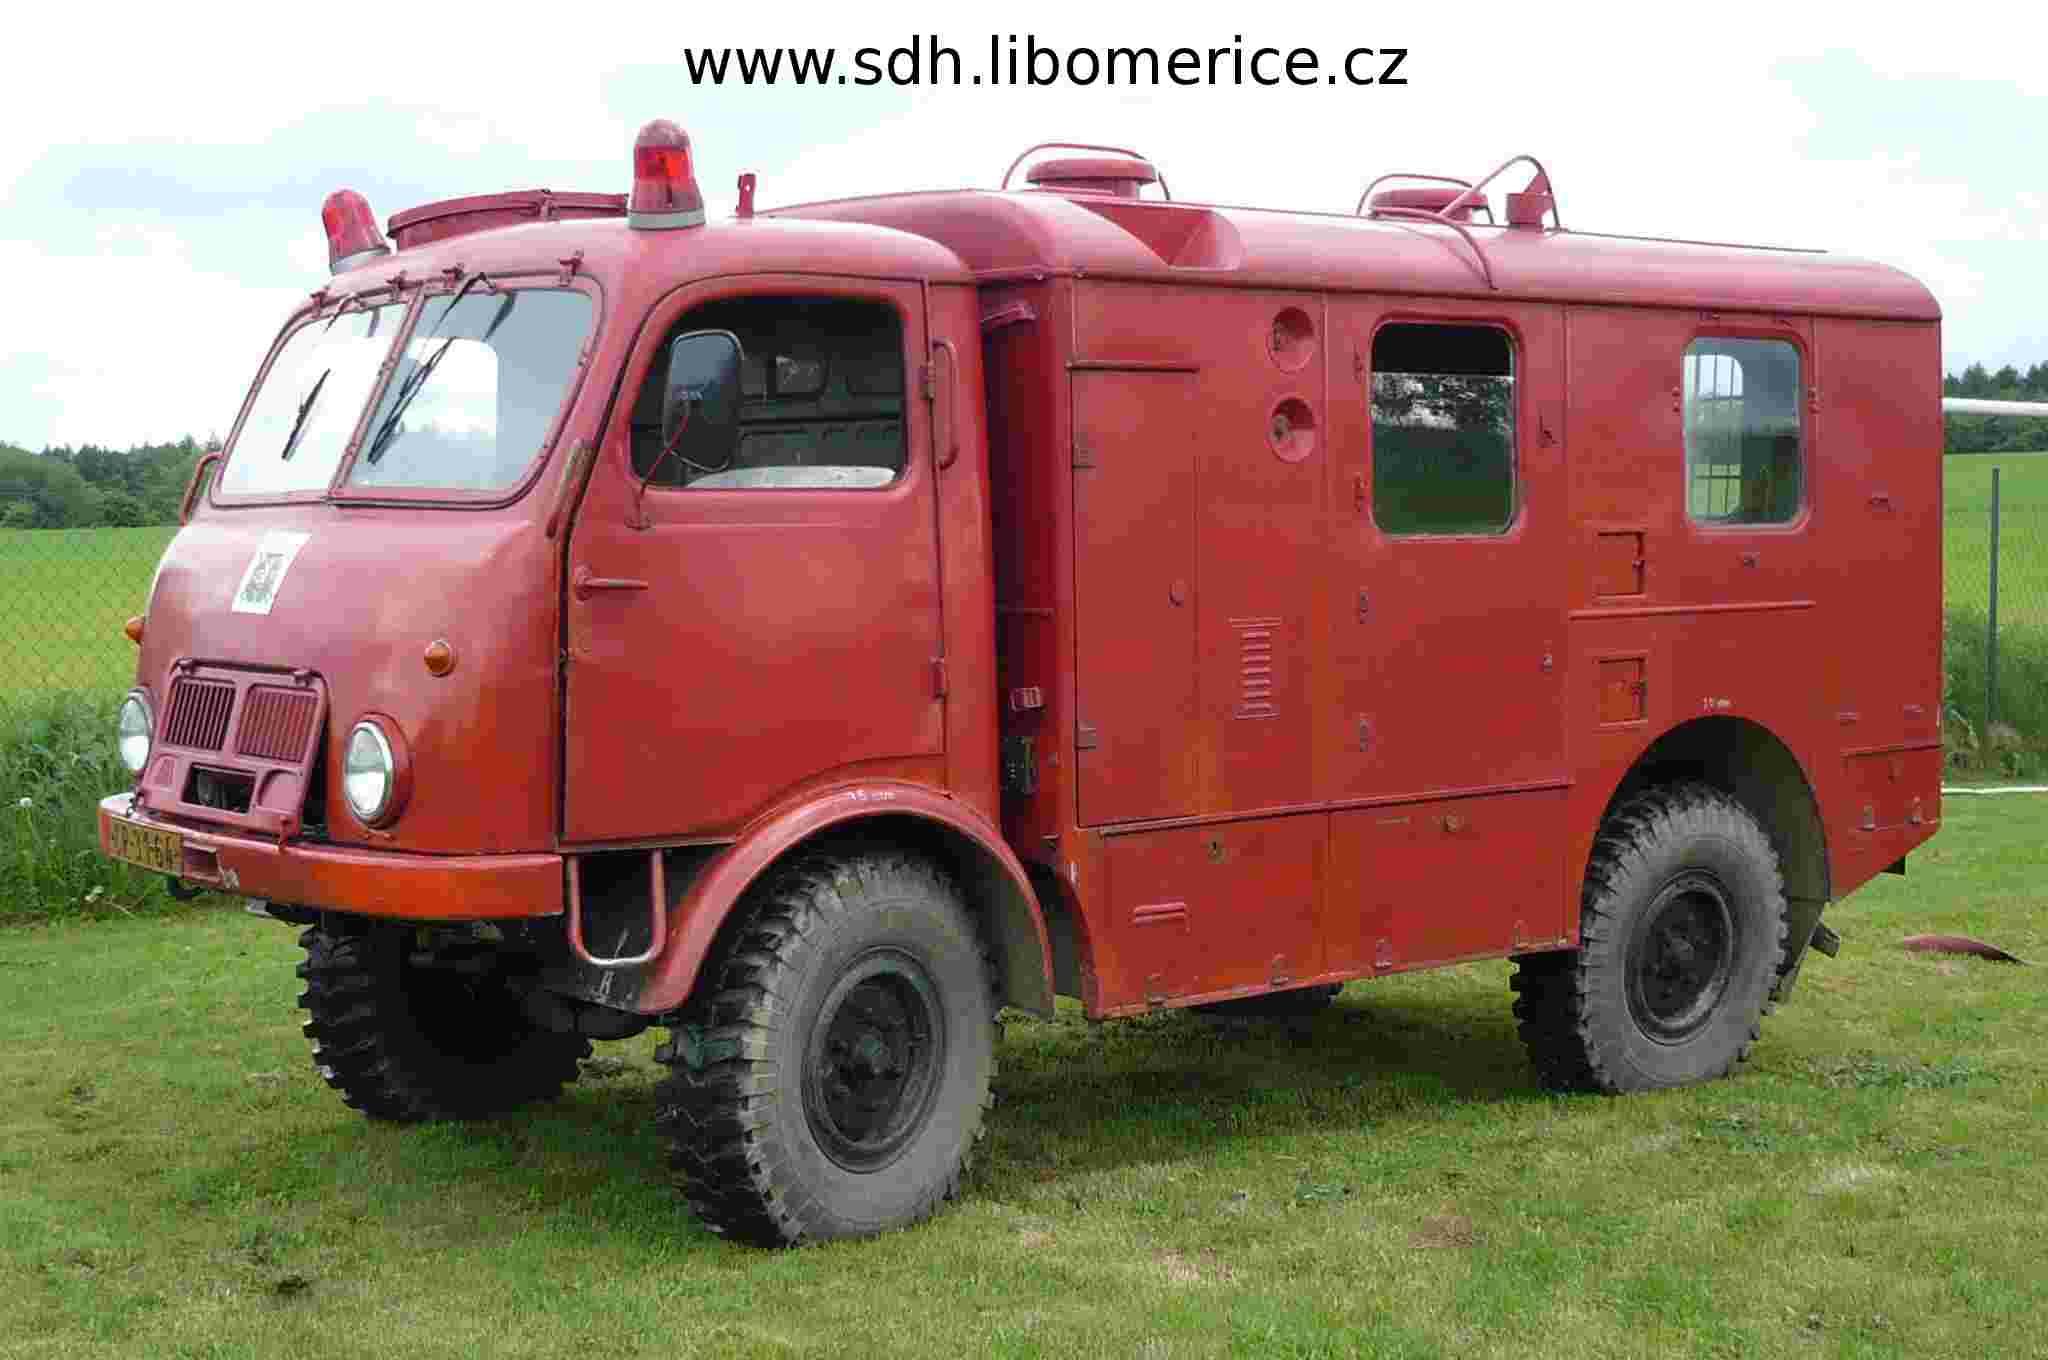 SDH Liboměřice Tatra 805